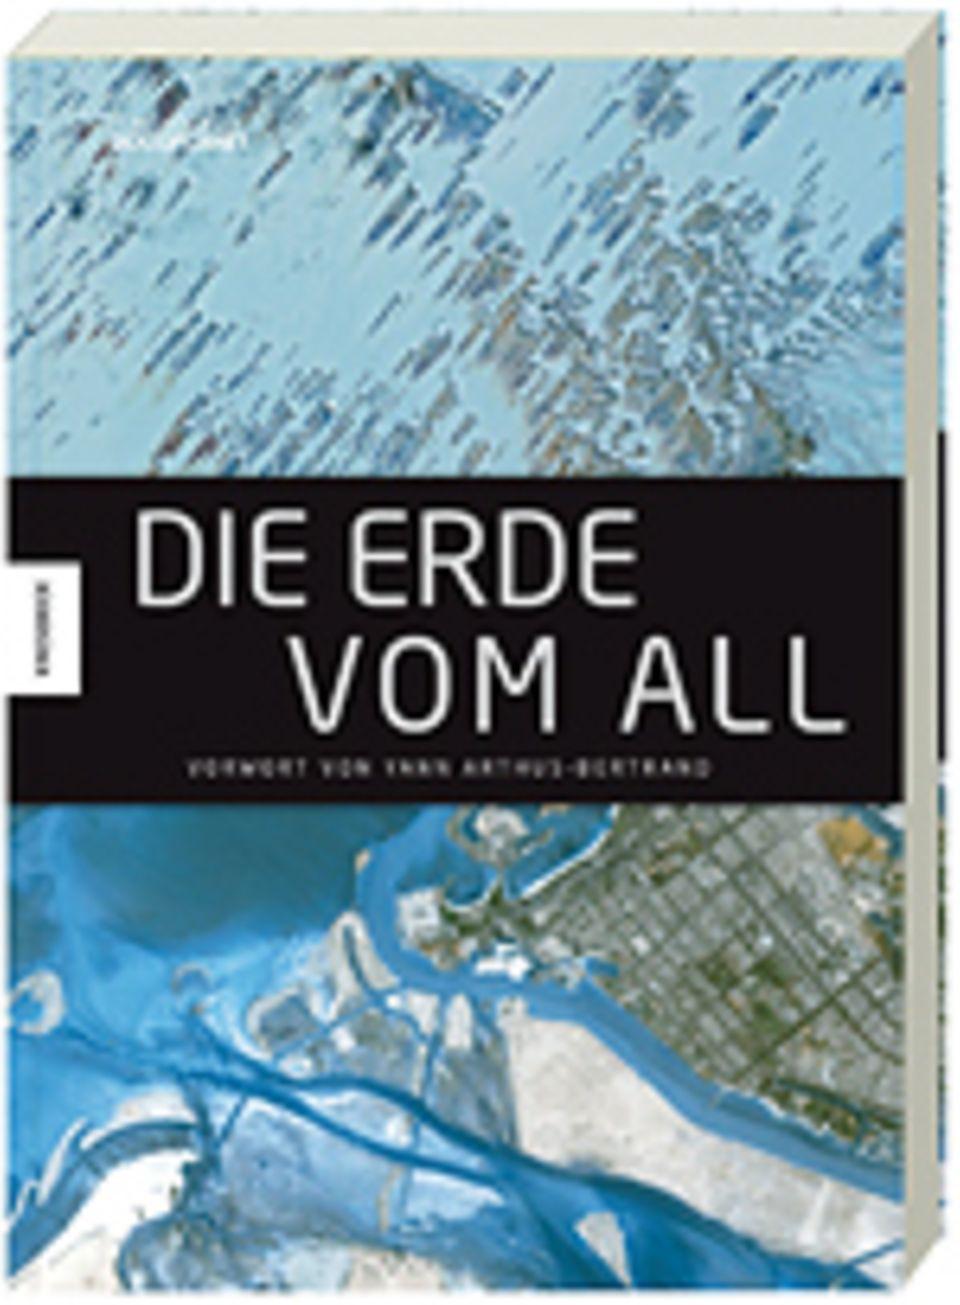 Satellitenfotos: Yann Arthus-Bertrand Die Erde vom All 256 Seiten, 195 farb. Abb. Knesebeck Verlag 2014 39,95 Euro